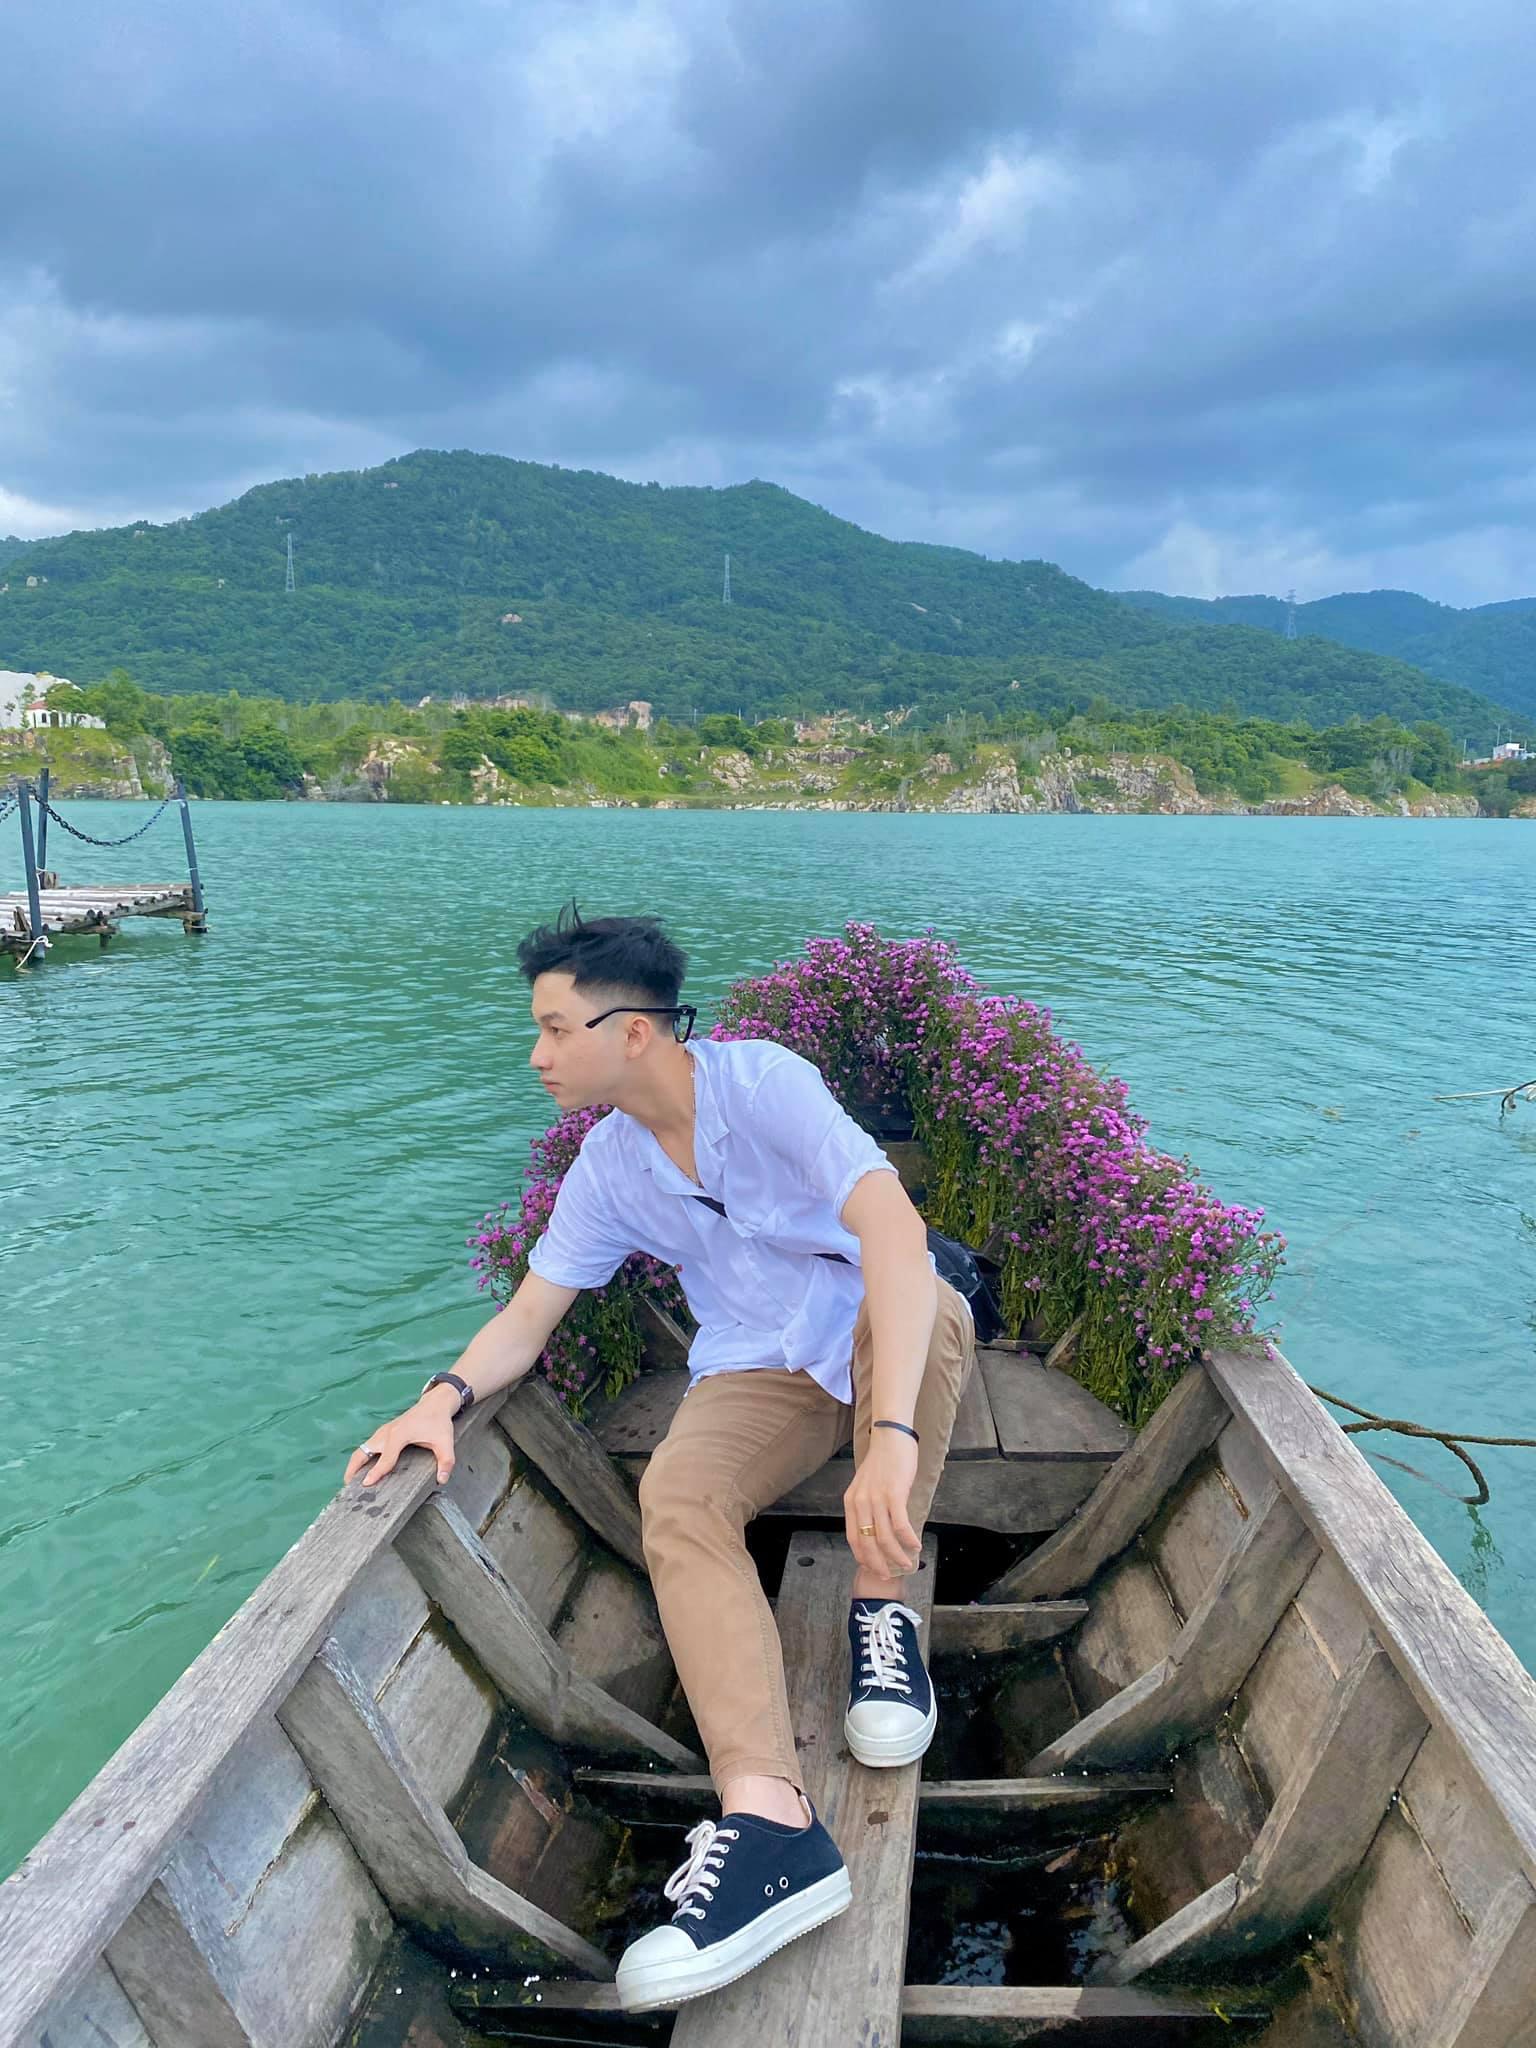 Bật mí 5 góc chụp 'đẹp miễn chê' tại hồ Đá Xanh, Vũng Tàu  - Ảnh 5.